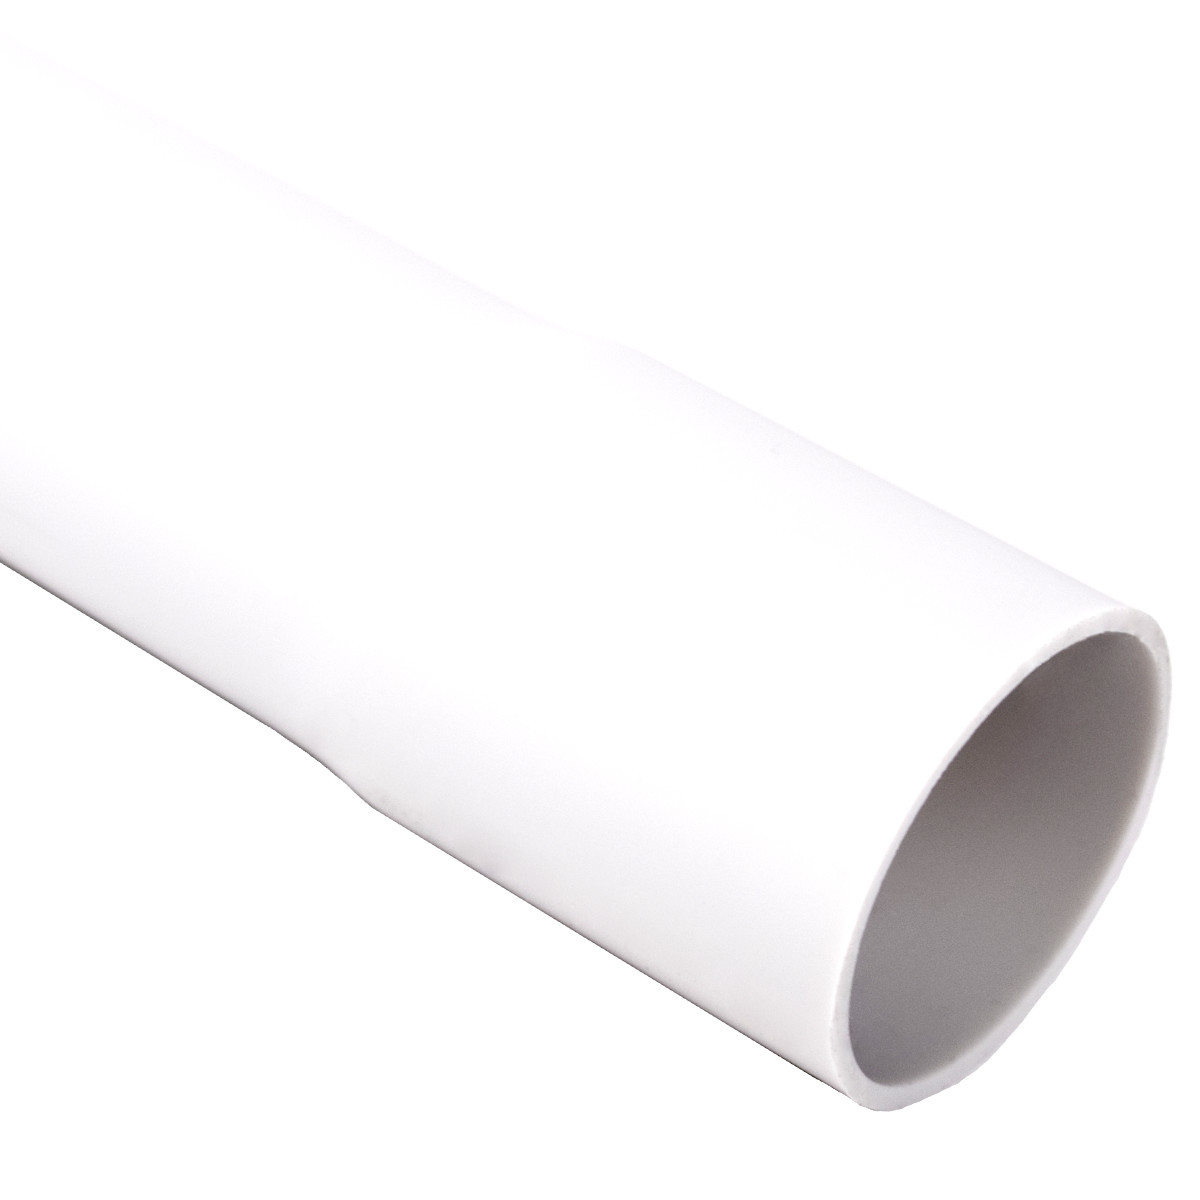 Труба жорстка 320 N/5см з раструбом для з'єднання; Ø32мм; ПВХ;; довжина 3м; t застосування -25+60 °с; біла; Упаковка 30 шт